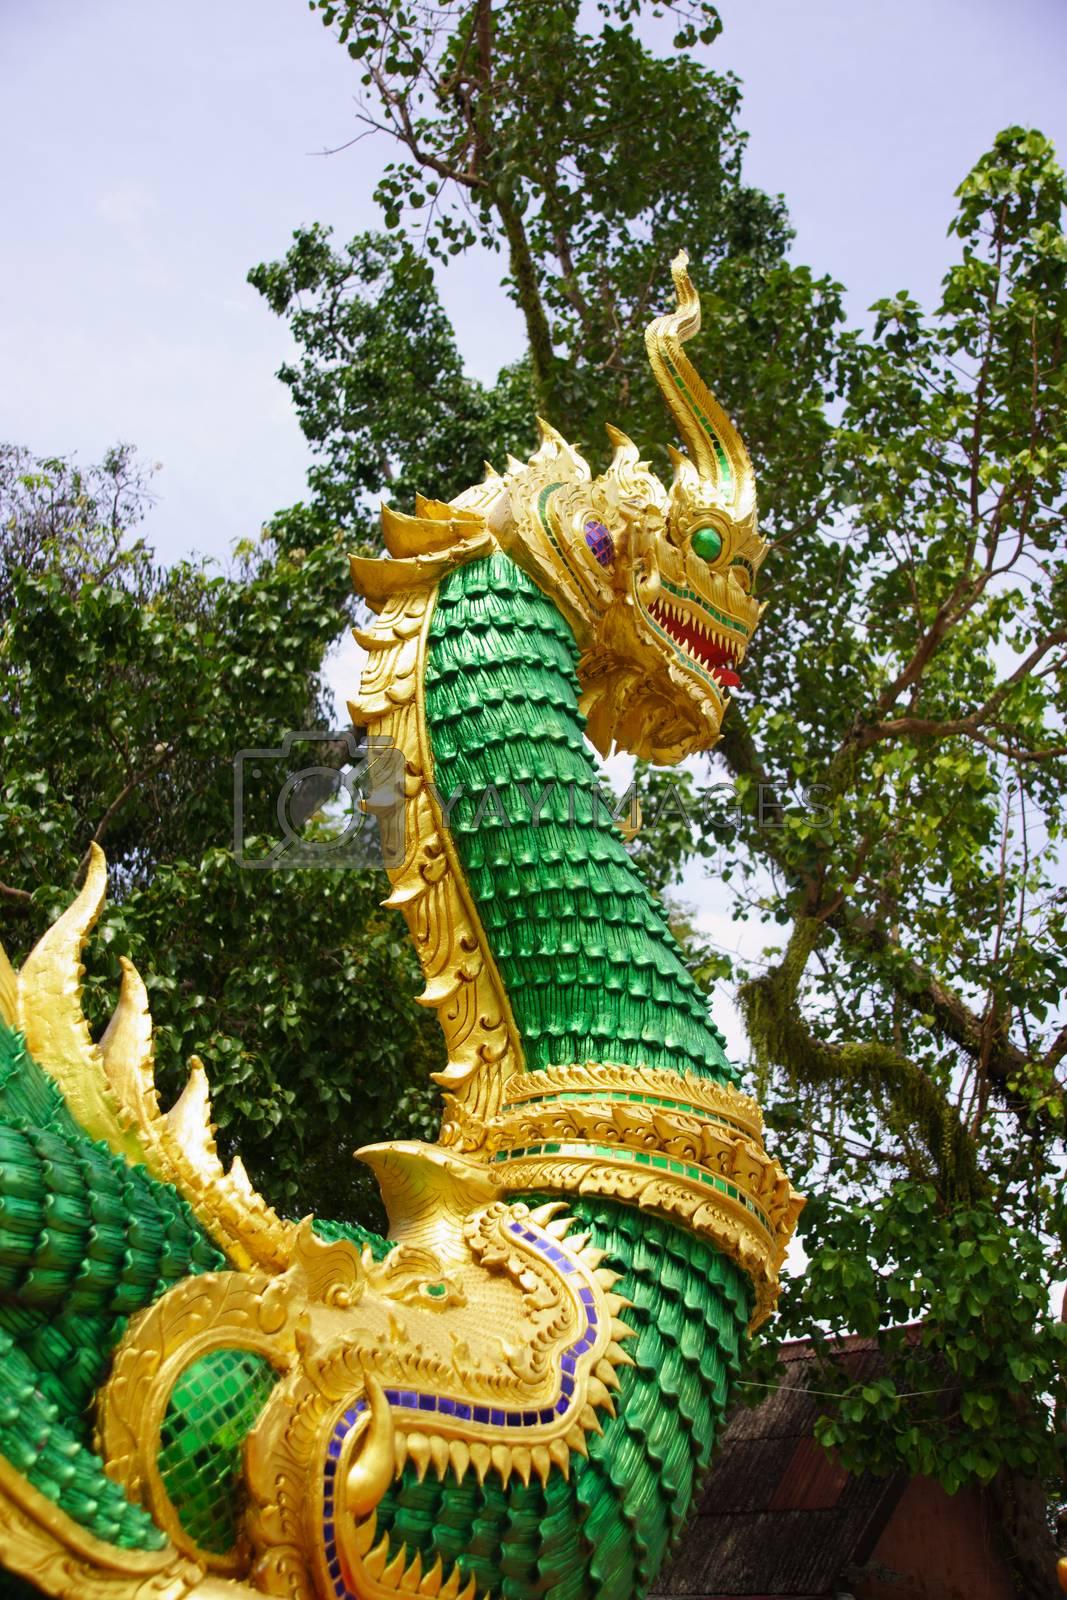 Royalty free image of naga by nattapatt